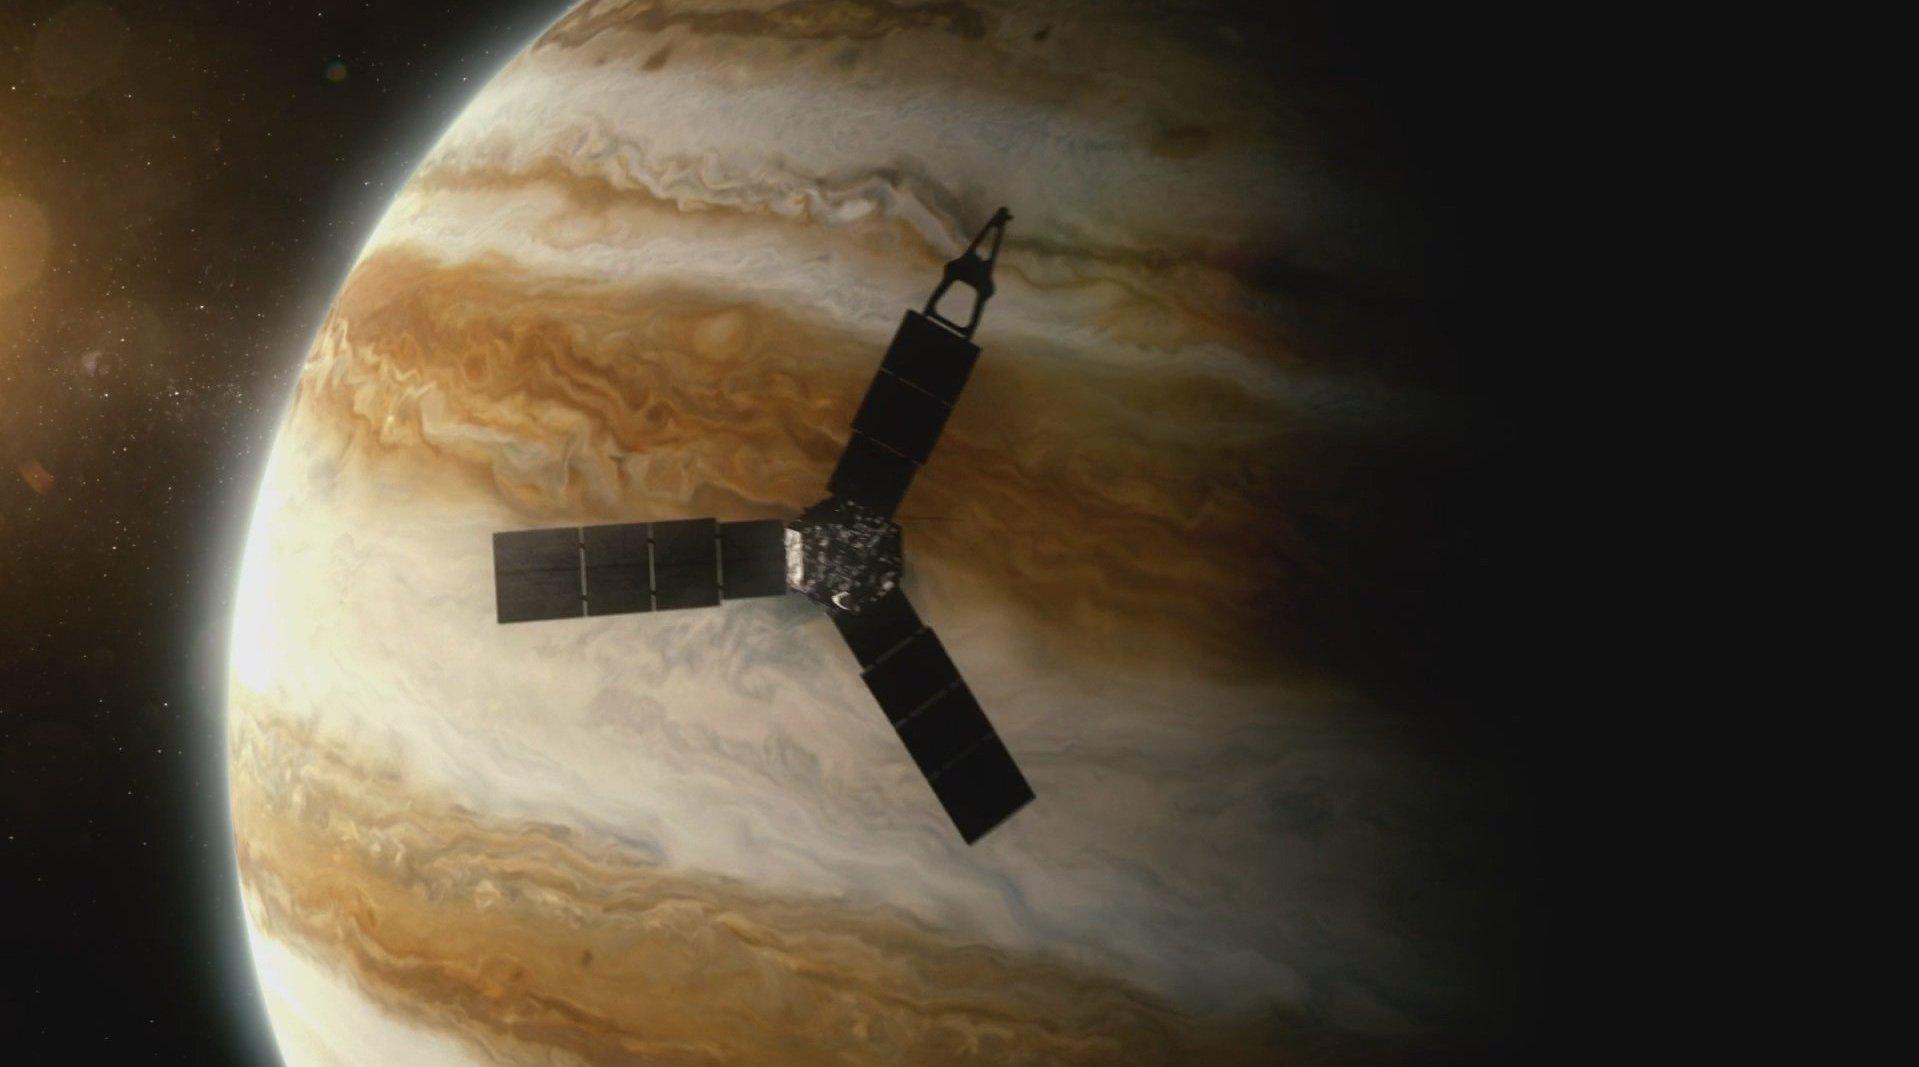 43分钟英字完整版.九集连发⑥朱诺号木星探测器